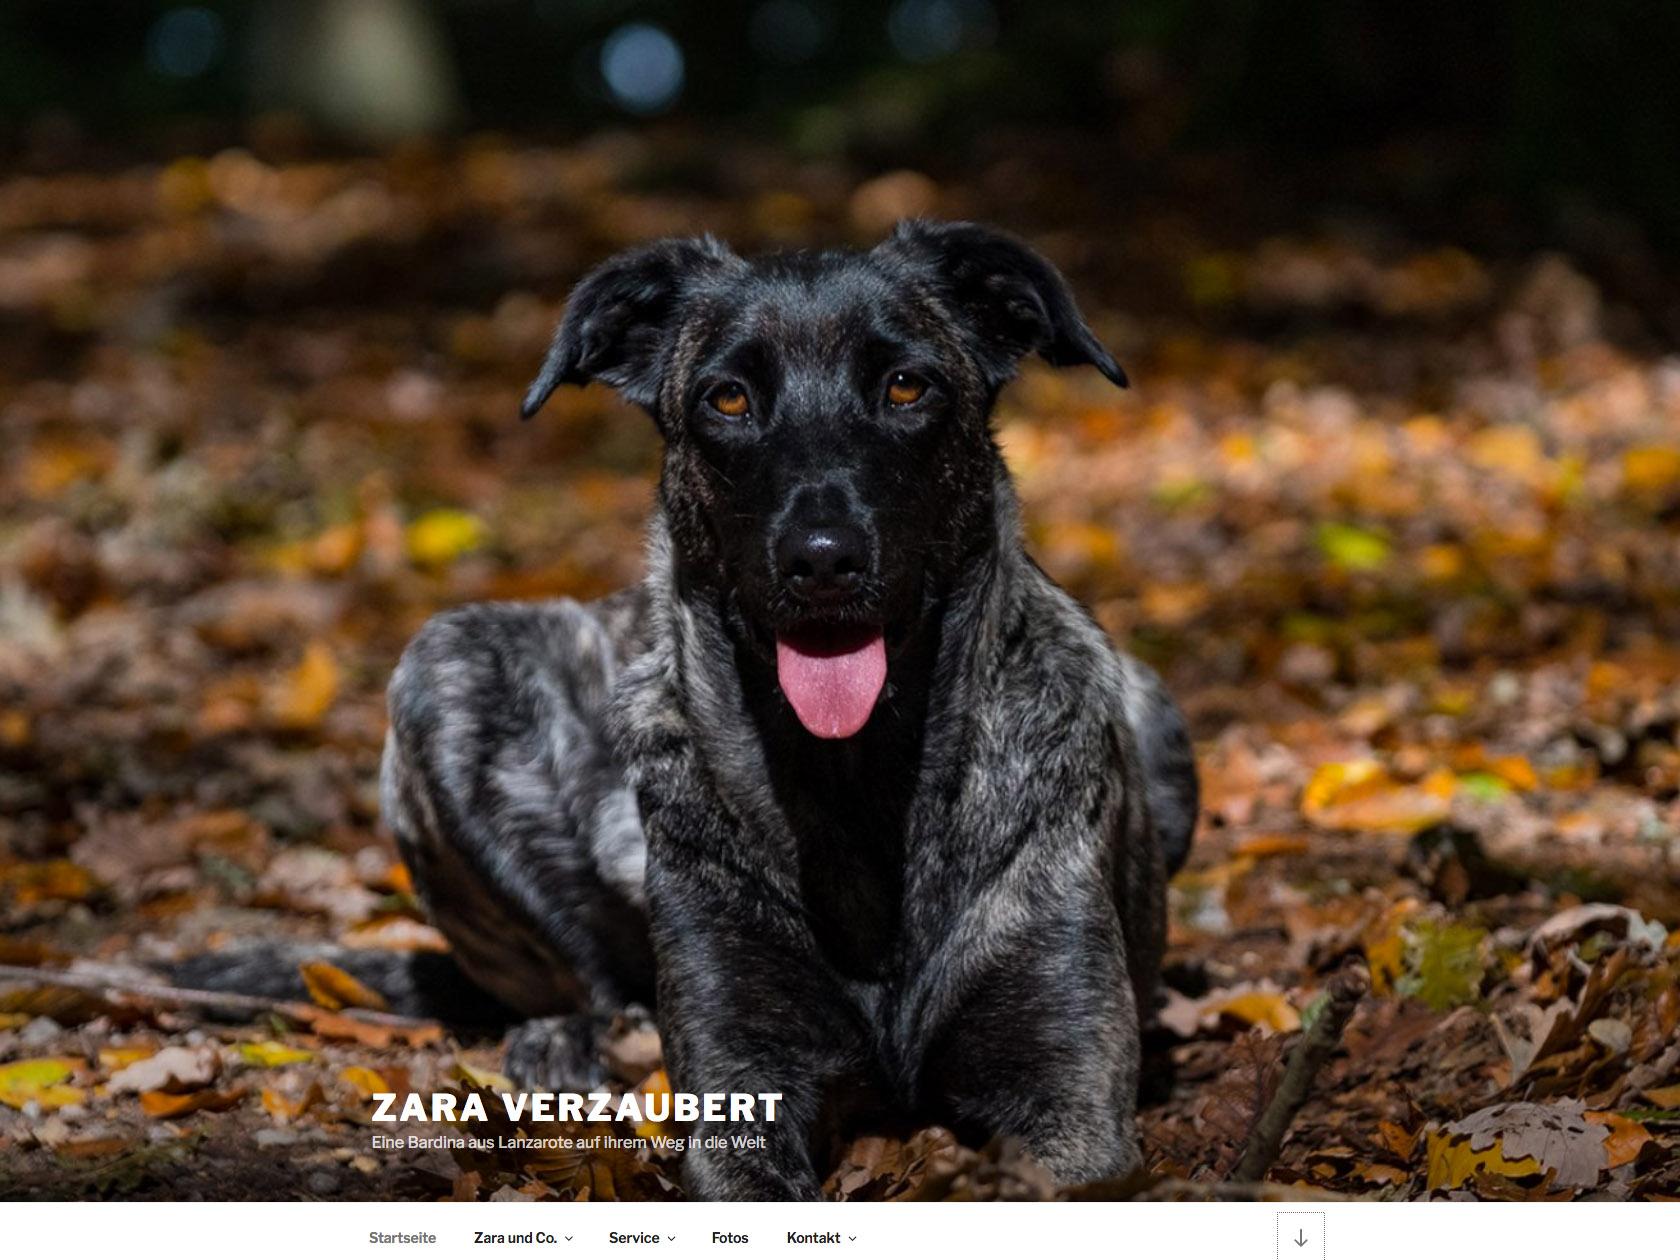 Zara Verzaubert